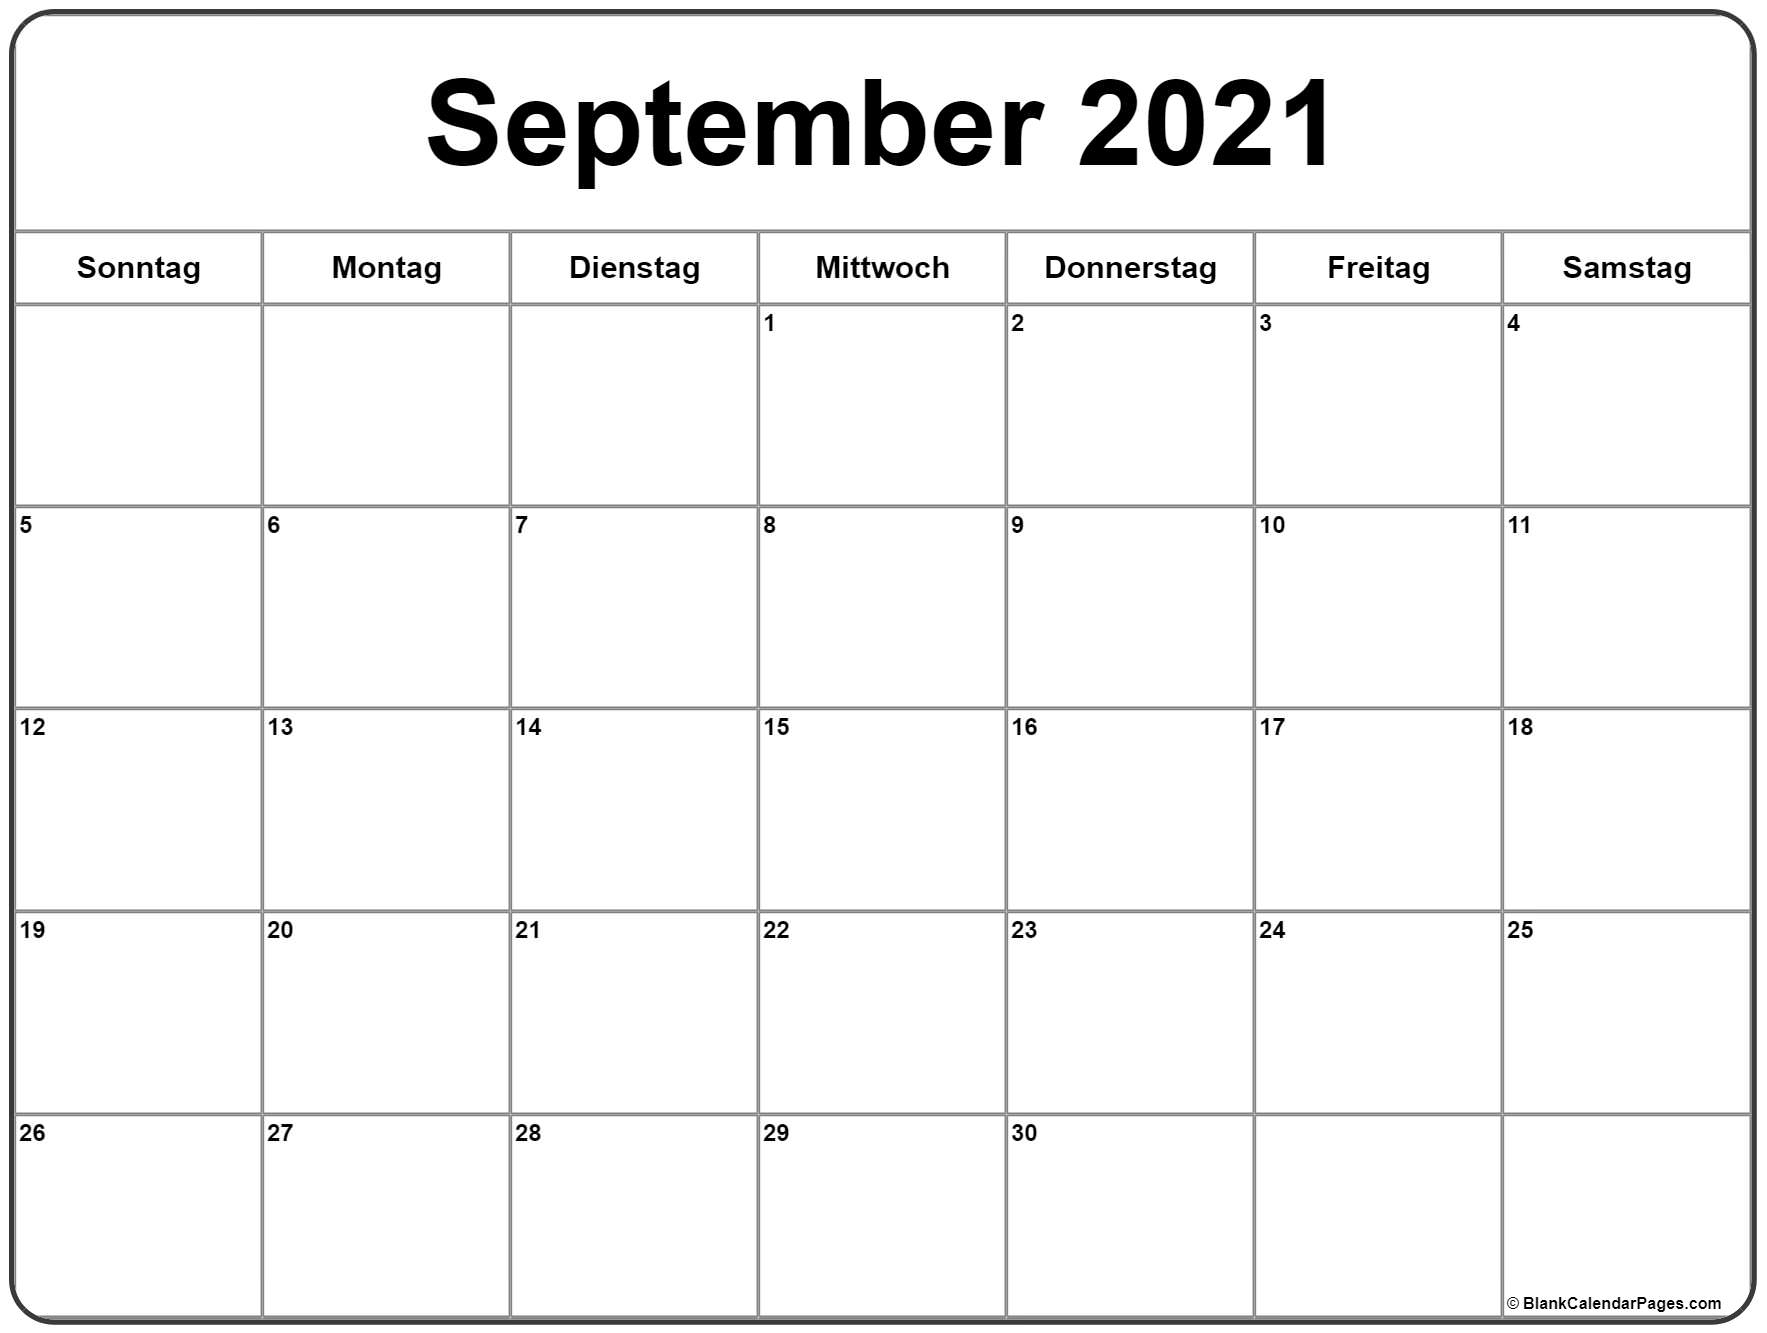 Get Kalender 2021 August September